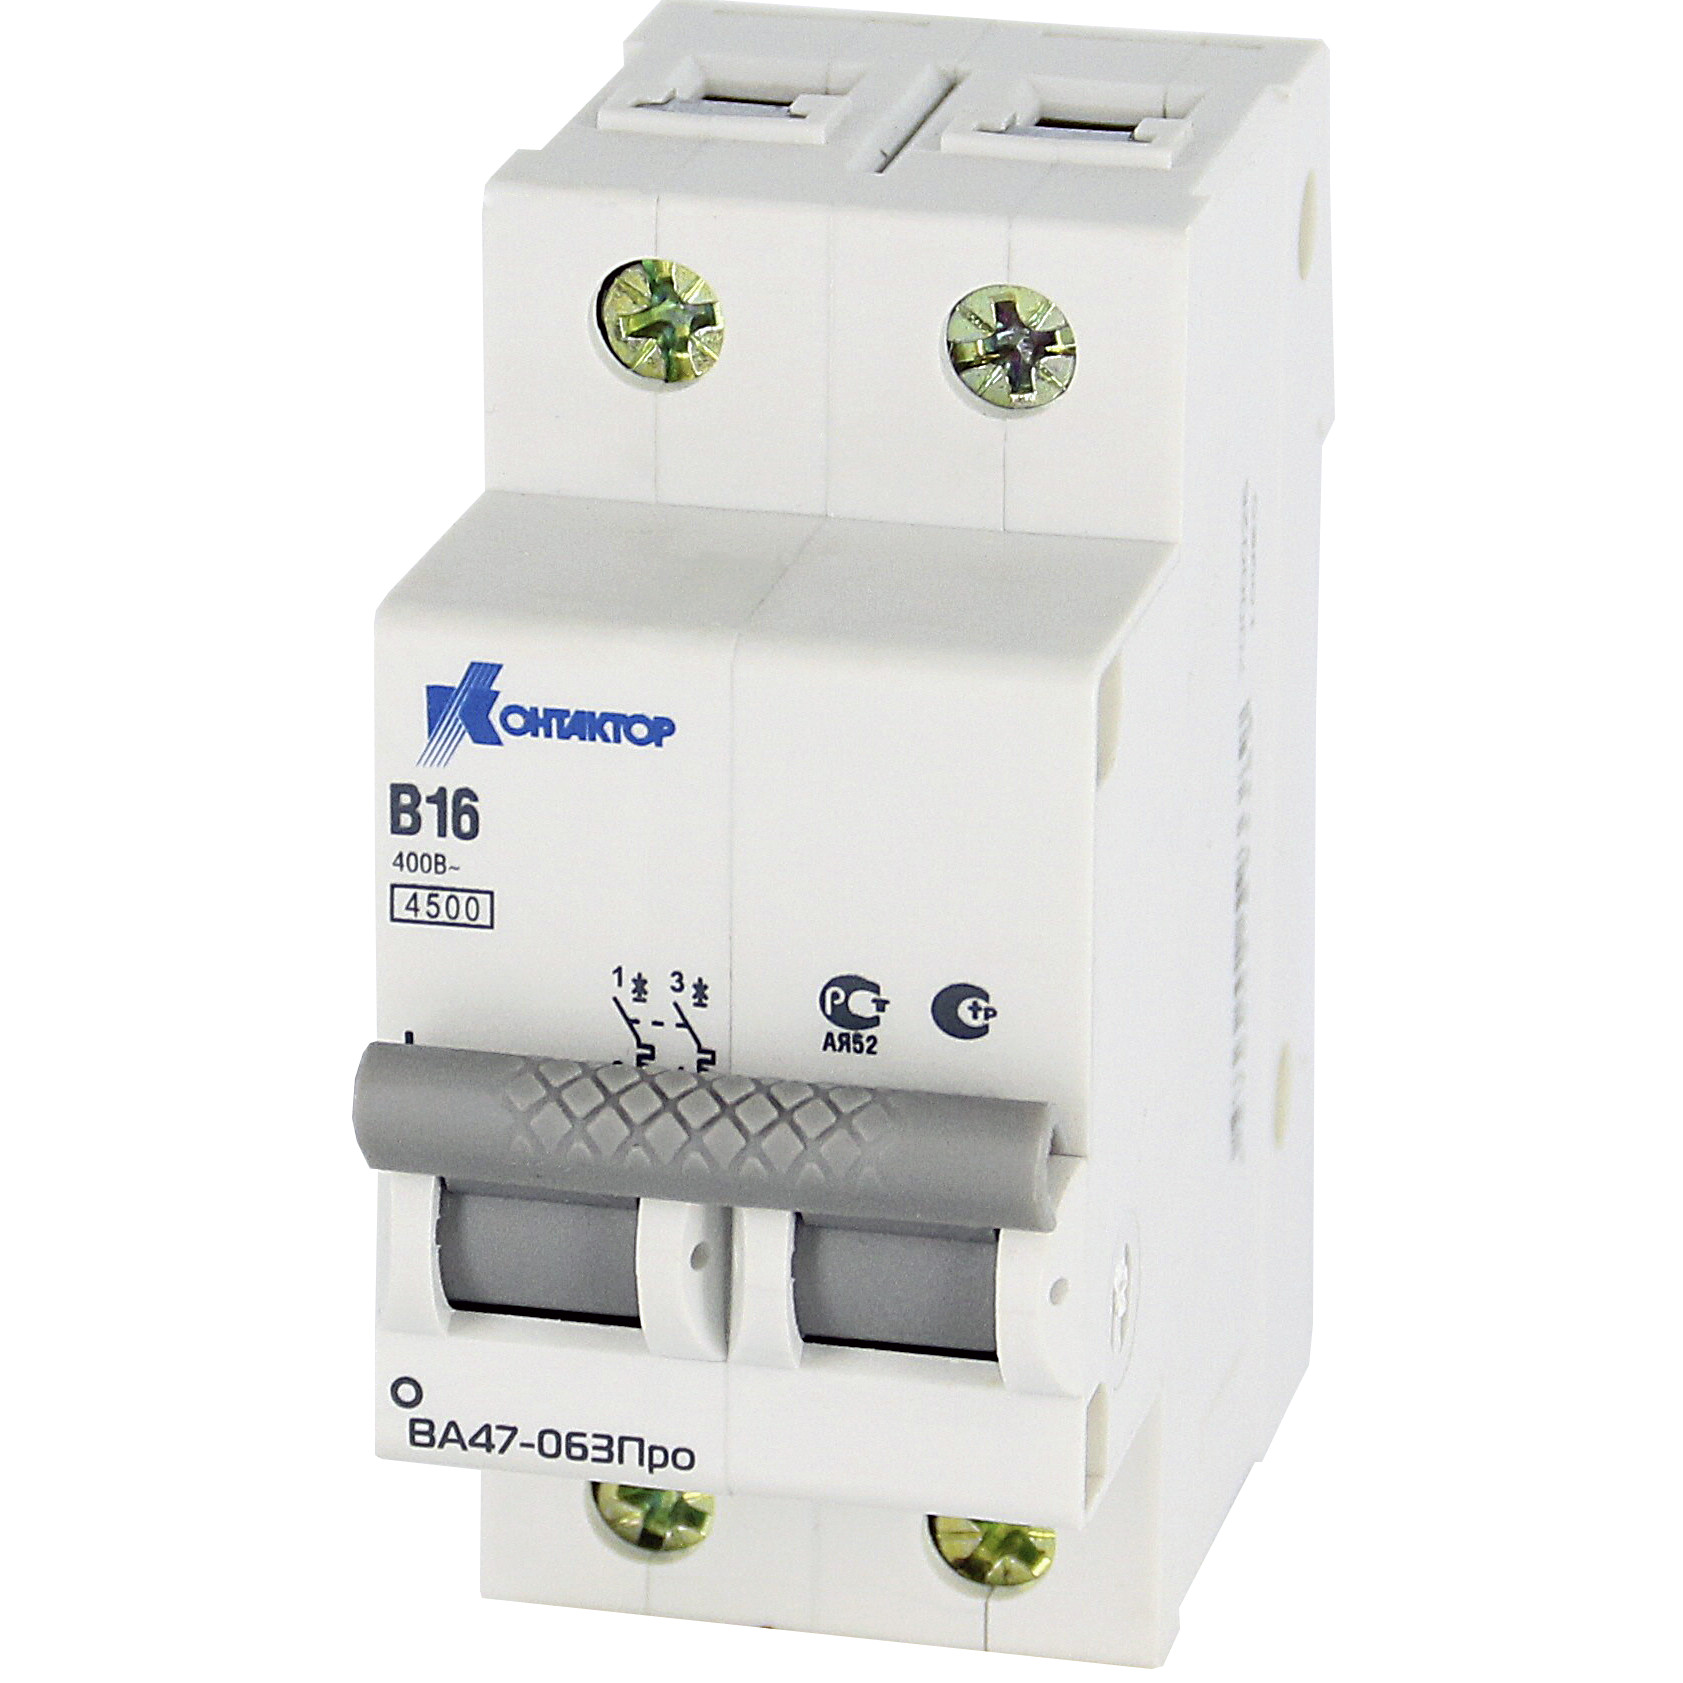 Выключатель автоматический модульный 2п B 20А 4.5кА ВА47-063Про Контактор 7000027 купить в интернет-магазине RS24